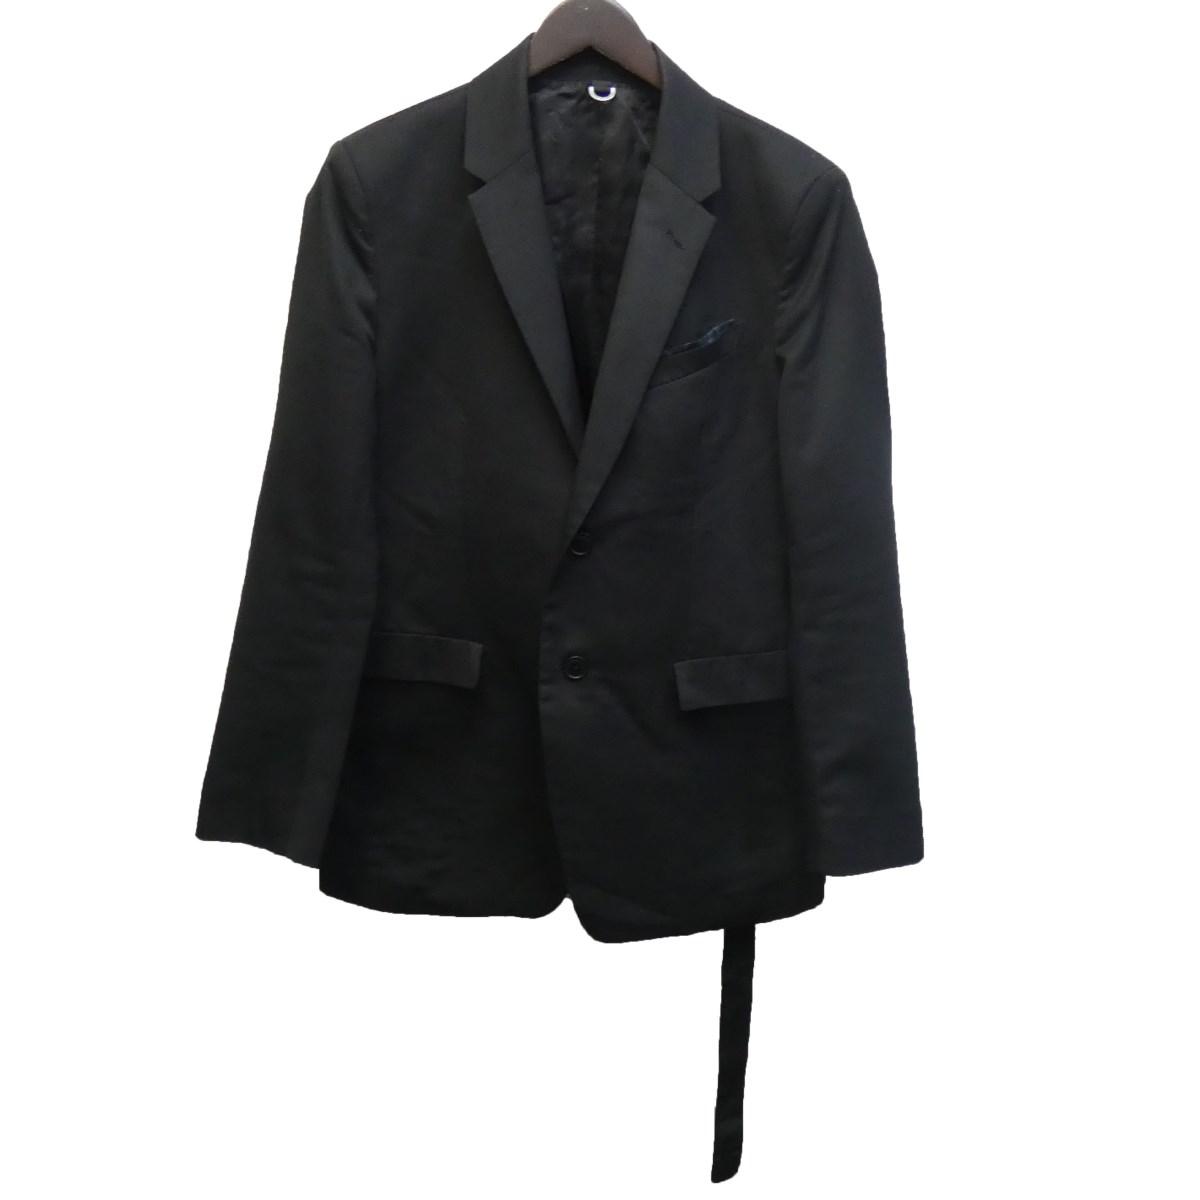 【中古】FIT MIHARA YASUHIRO ベルテッドテーラードジャケット ブラック サイズ:44 【160220】(フィット ミハラヤスヒロ)